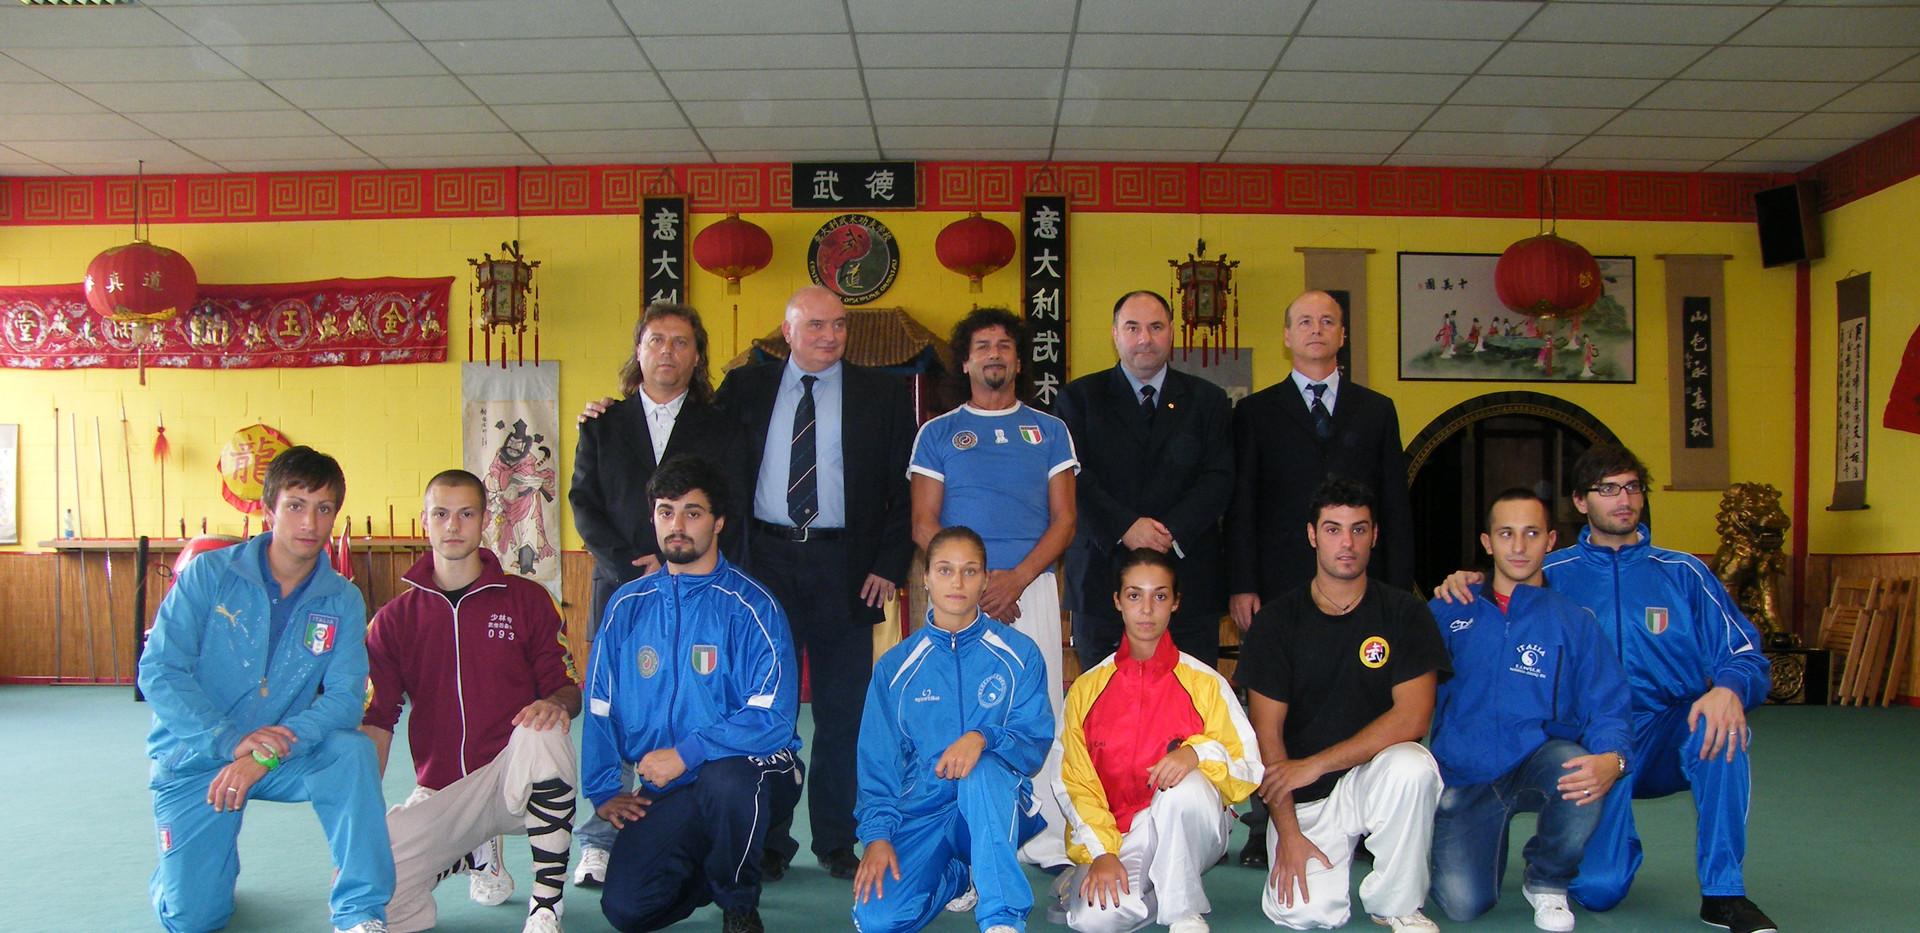 Selezione campionato europeo 2010